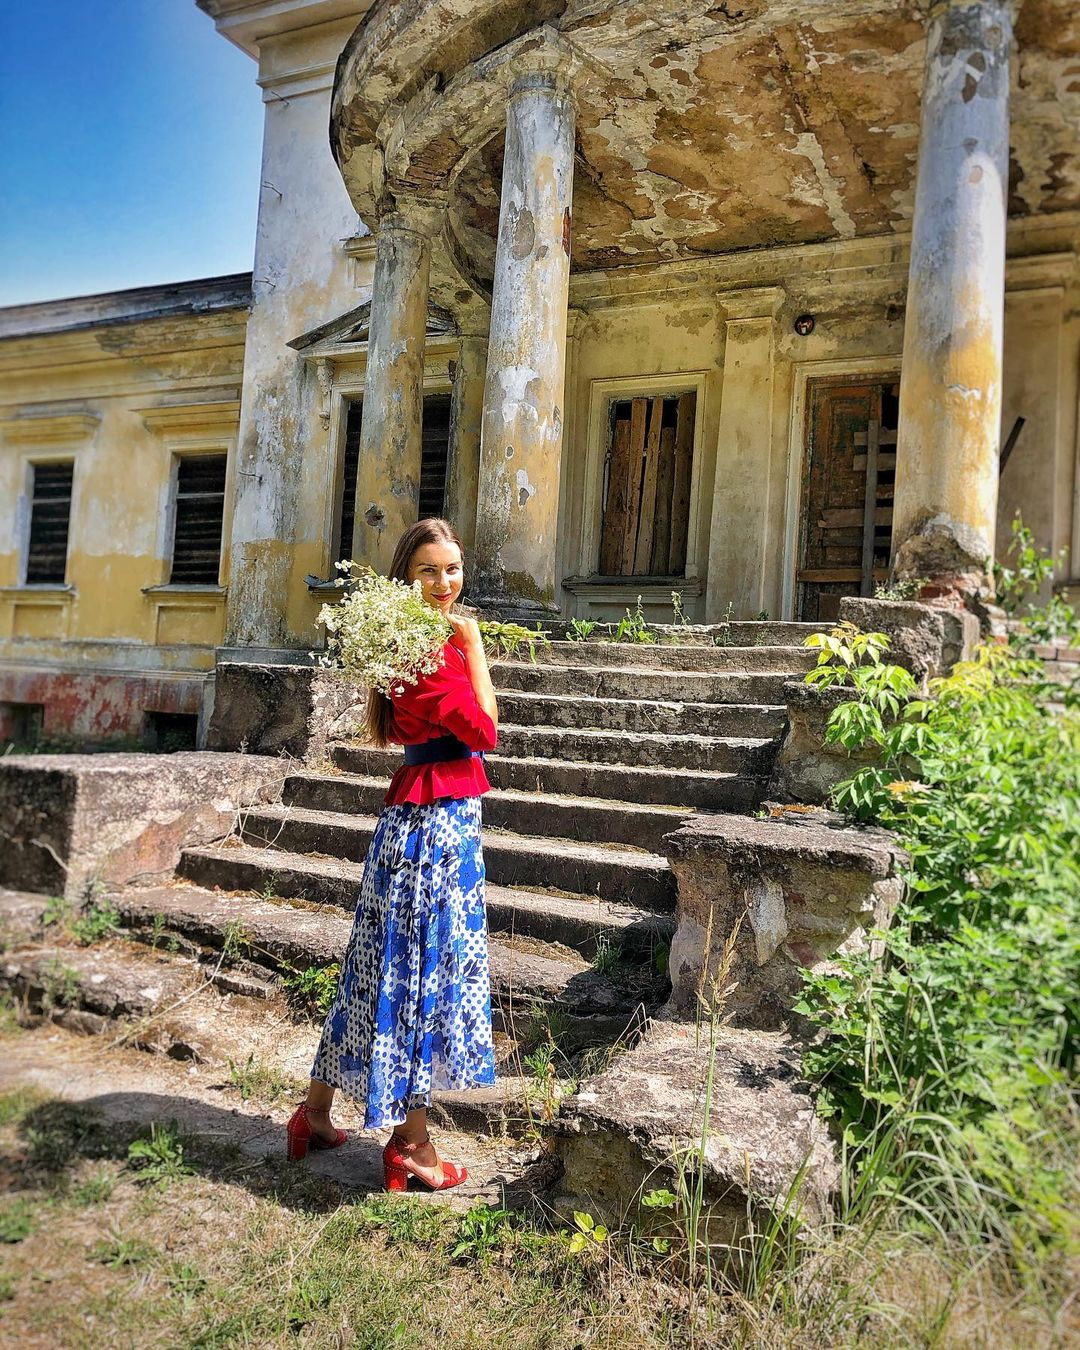 Много красивых фото: показываю неочевидные места в стране, куда путешествуют